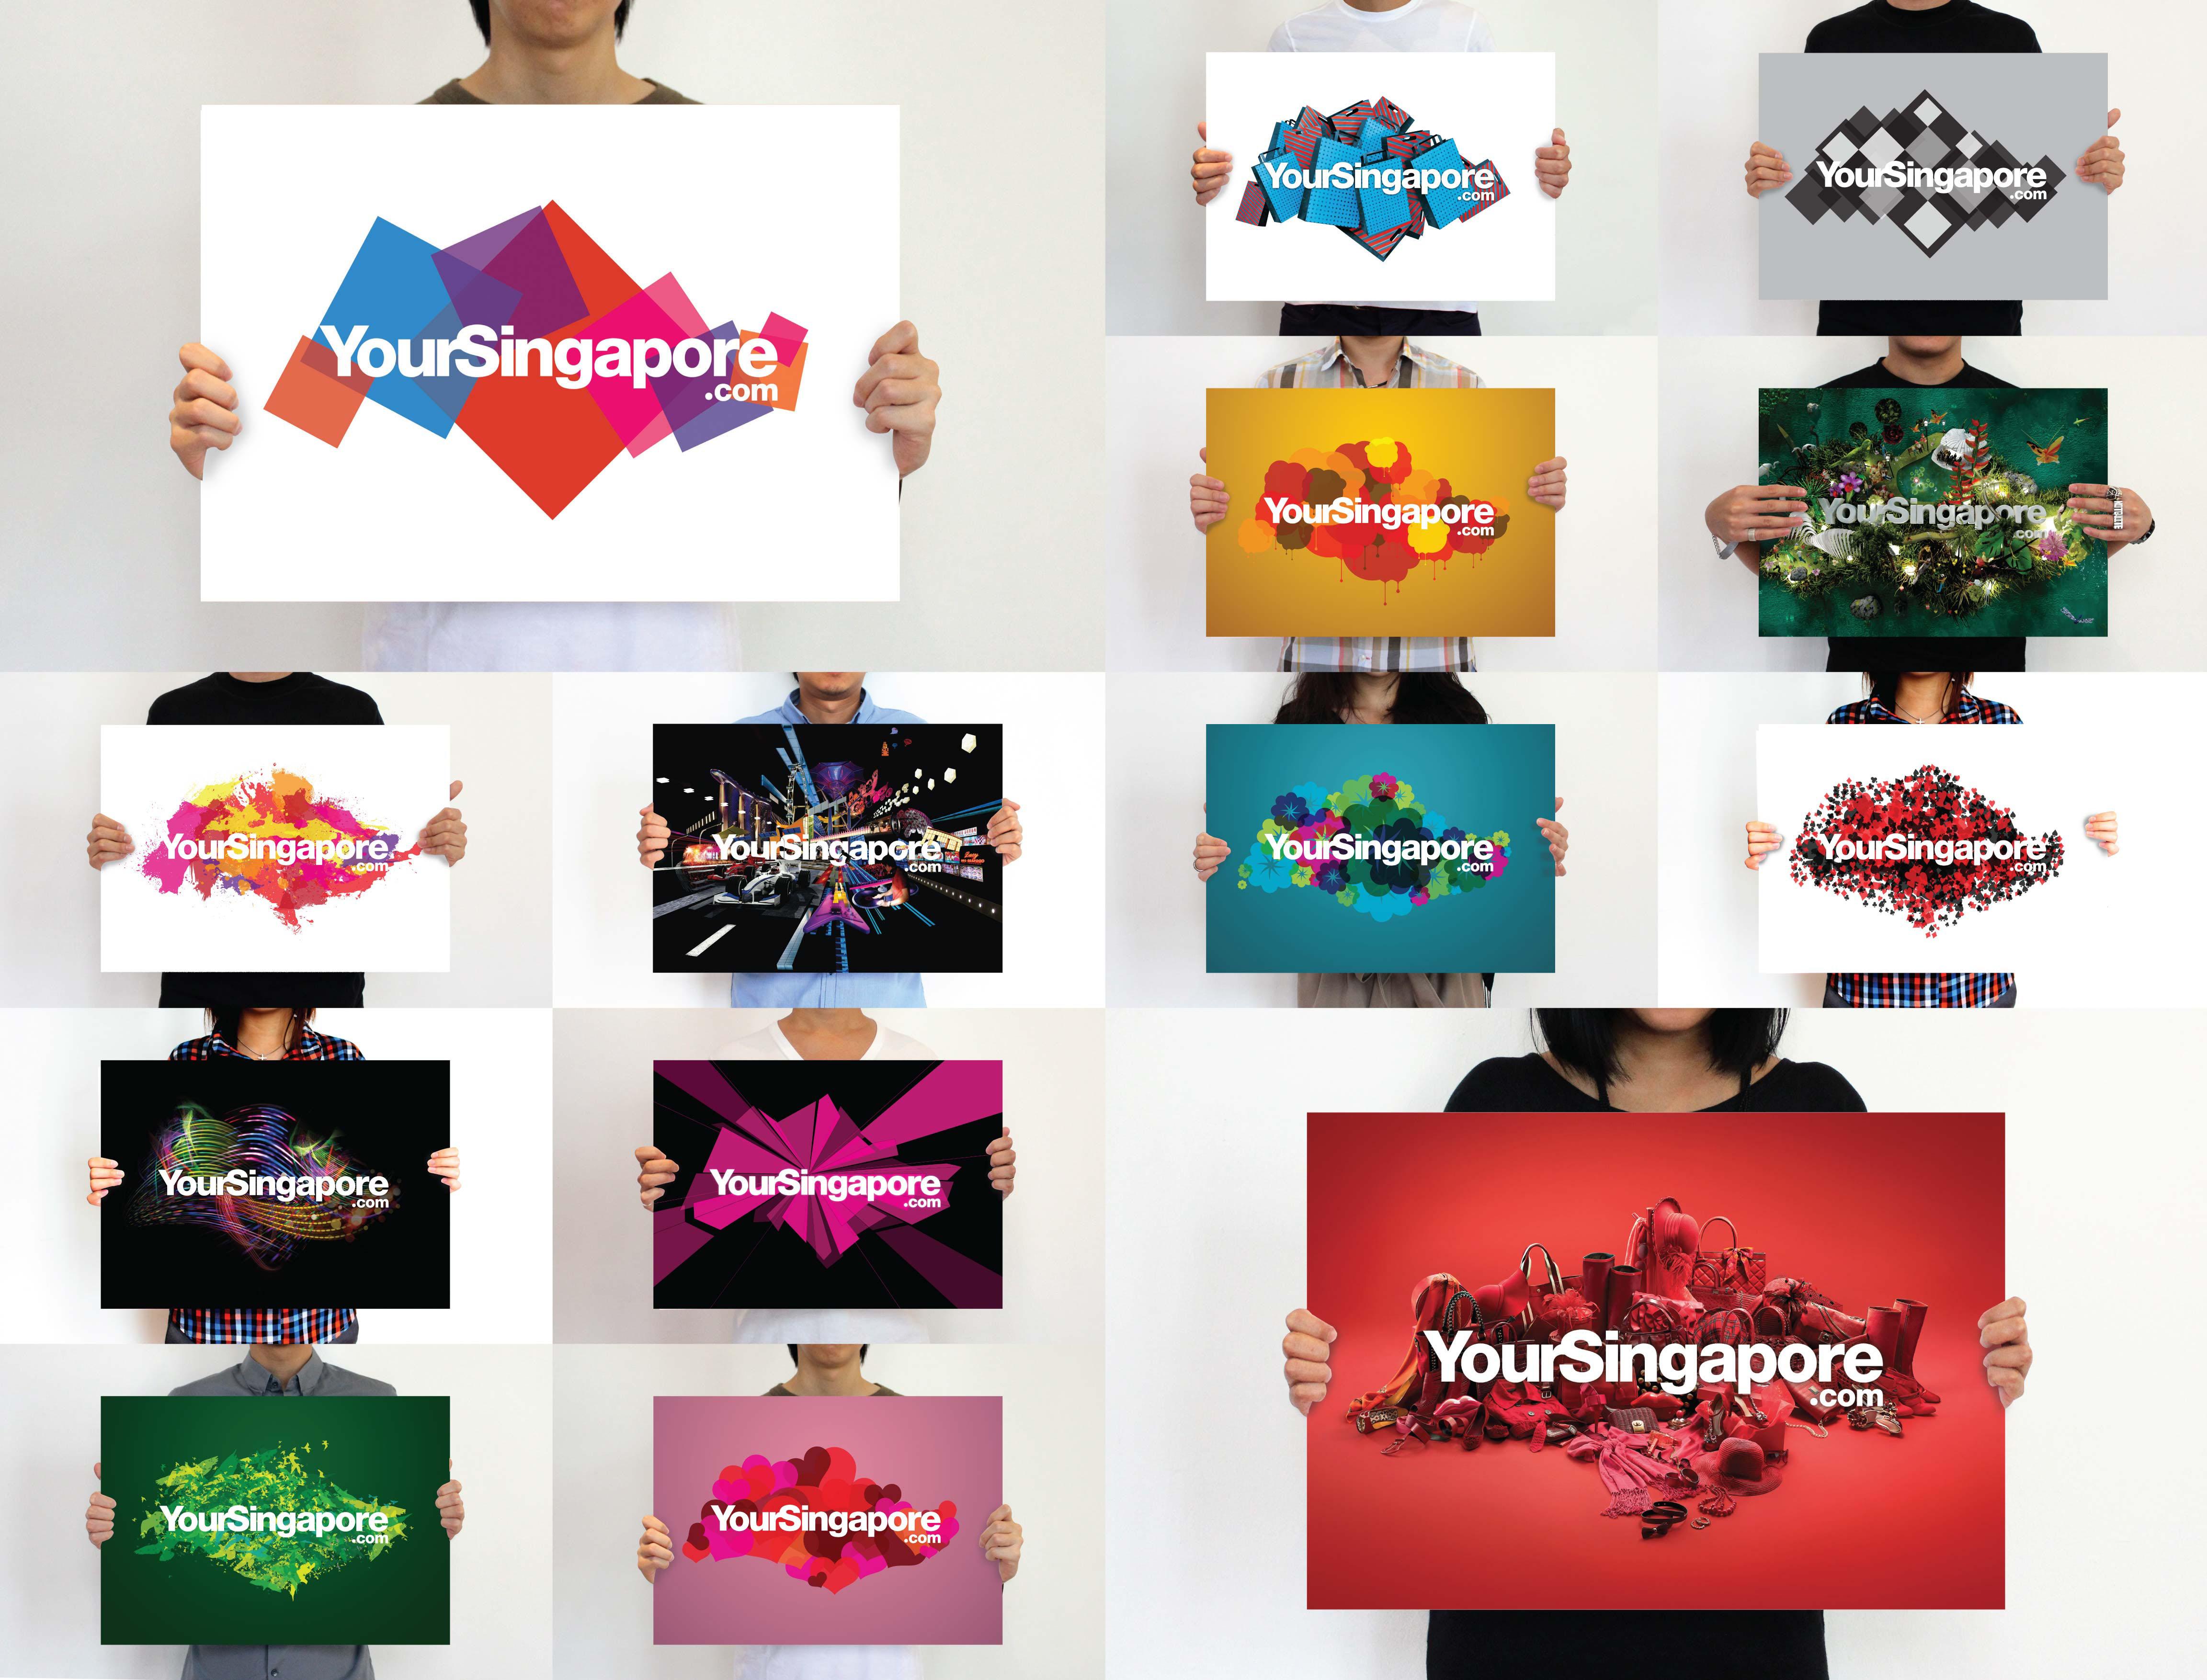 Singapore tourism board logo clipart clip free Your Singapore.com - The Inspiration Room clip free